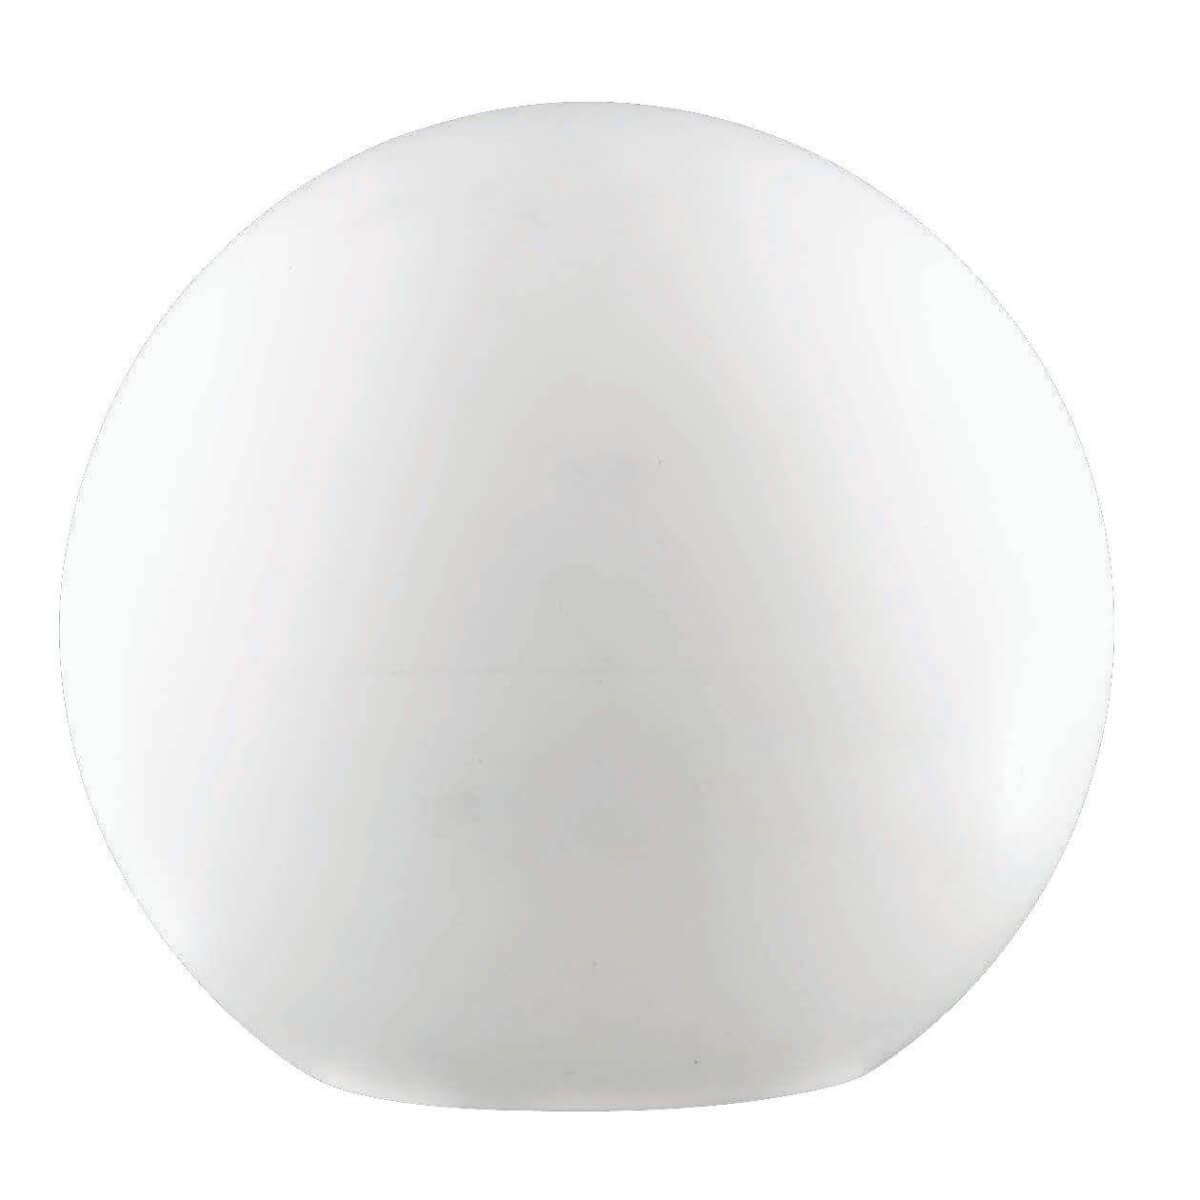 Уличный светильник Ideal Lux Sole PT1 Medium, E27